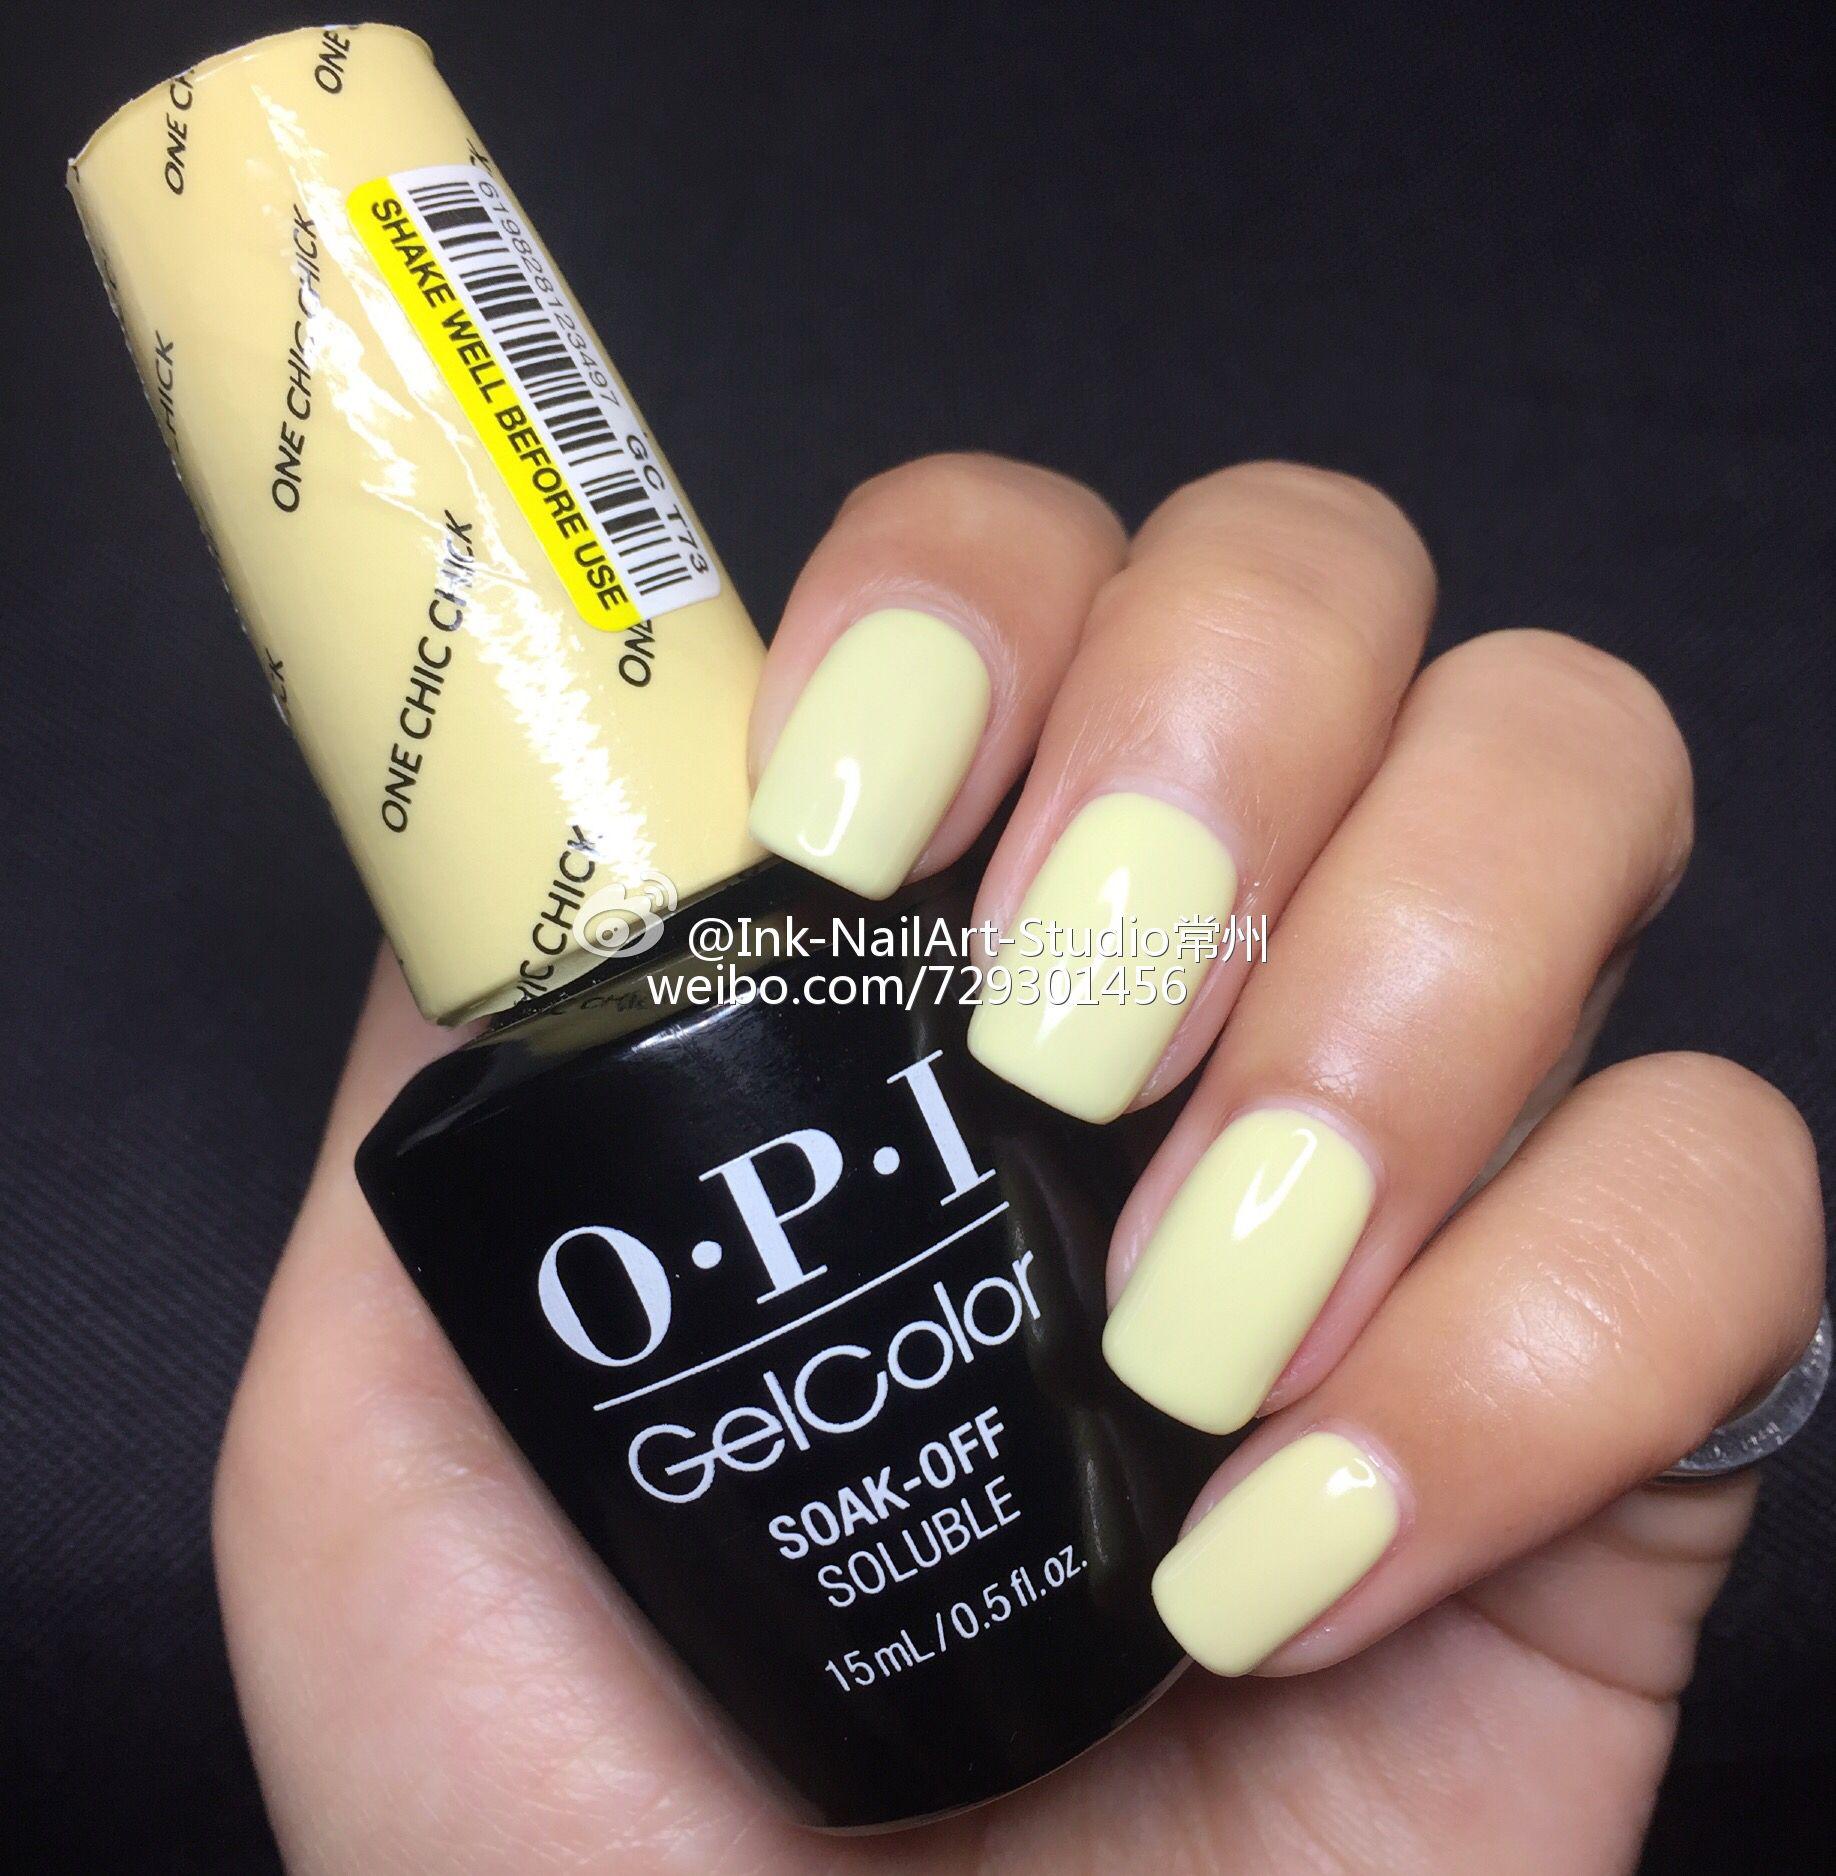 Opi 2016 Soft Shades Pastels Gelcolor In 2019 Opi Gel